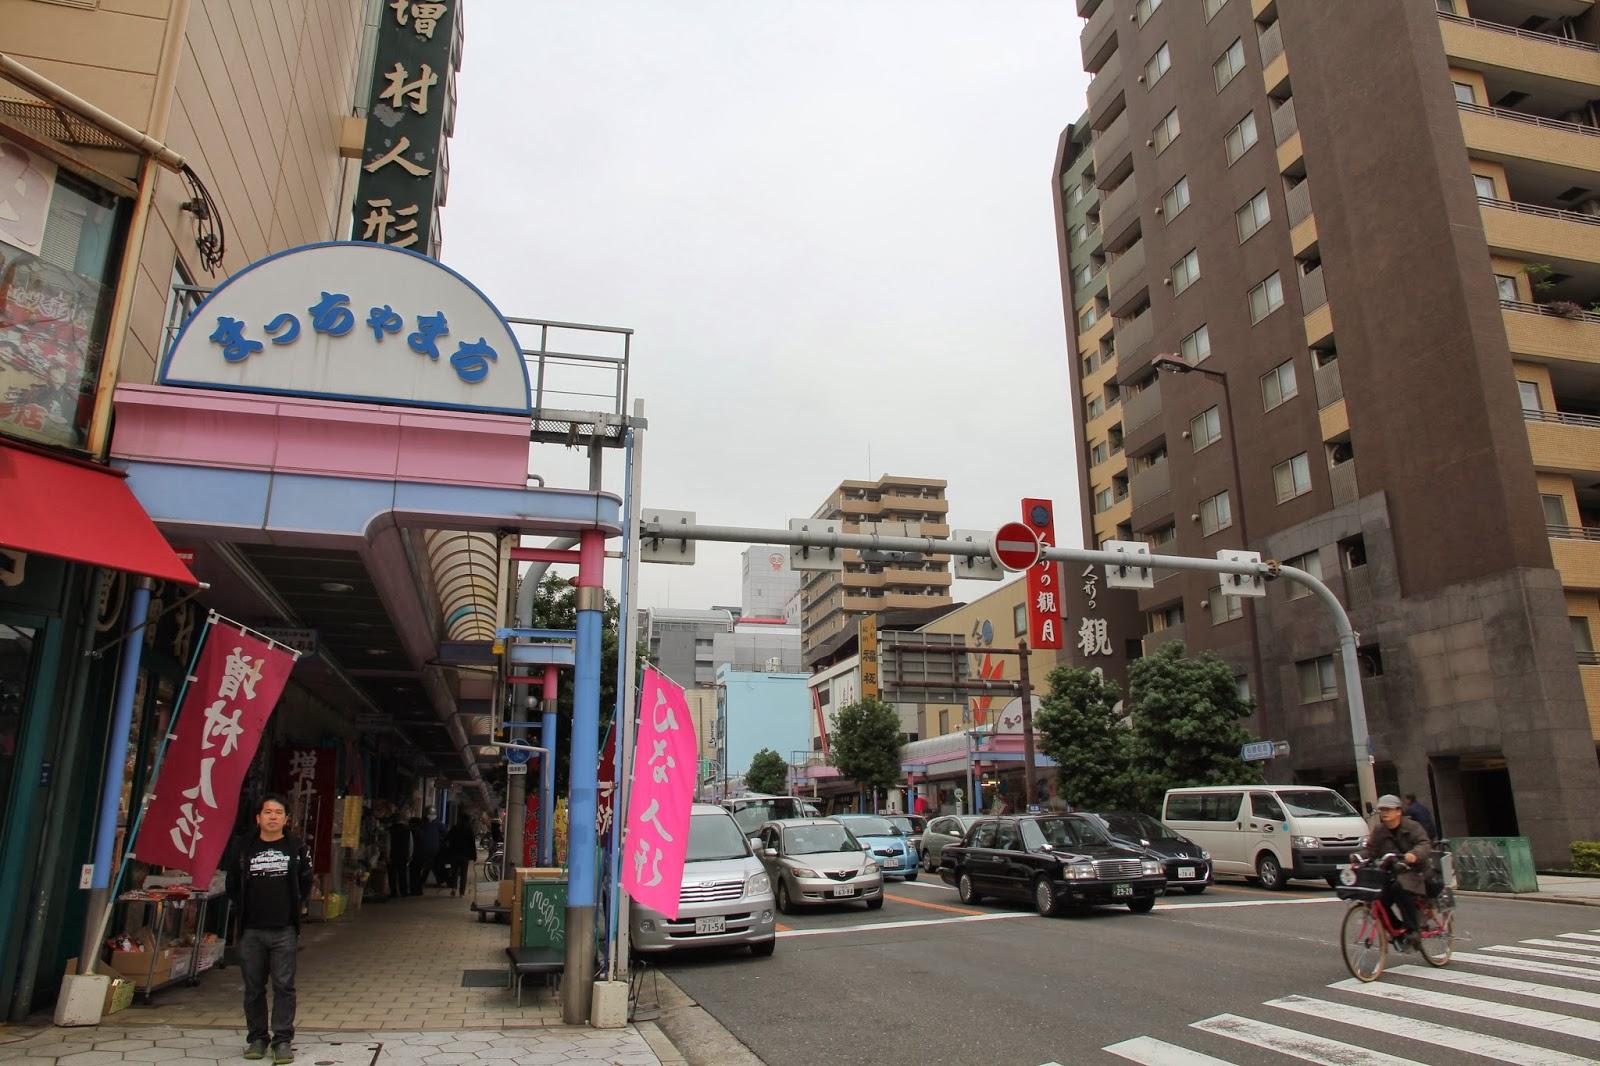 [景點介紹] 大阪 玩具街 商店街 ,行程, 玩具 ...